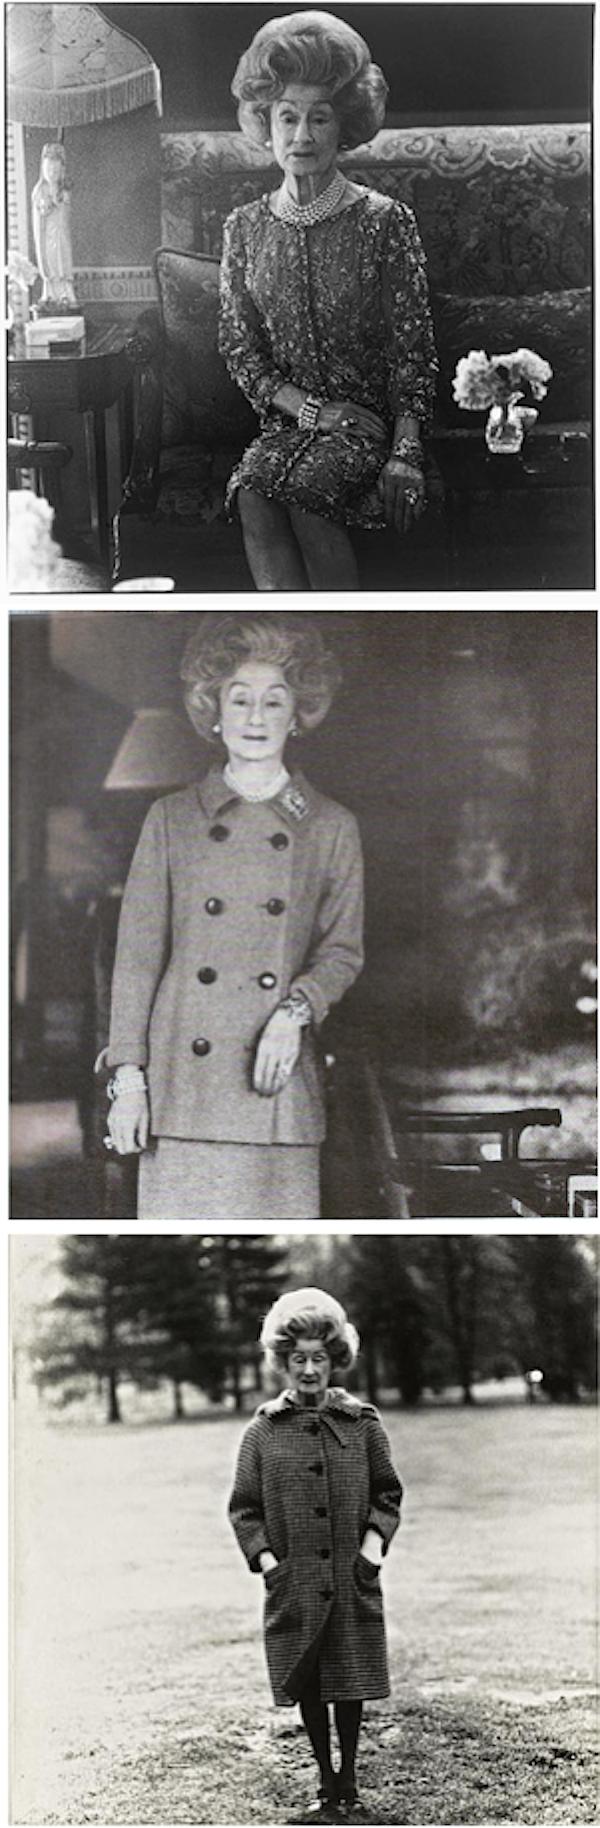 Mrs. Charlton Henry in Doug Meyer Legends window